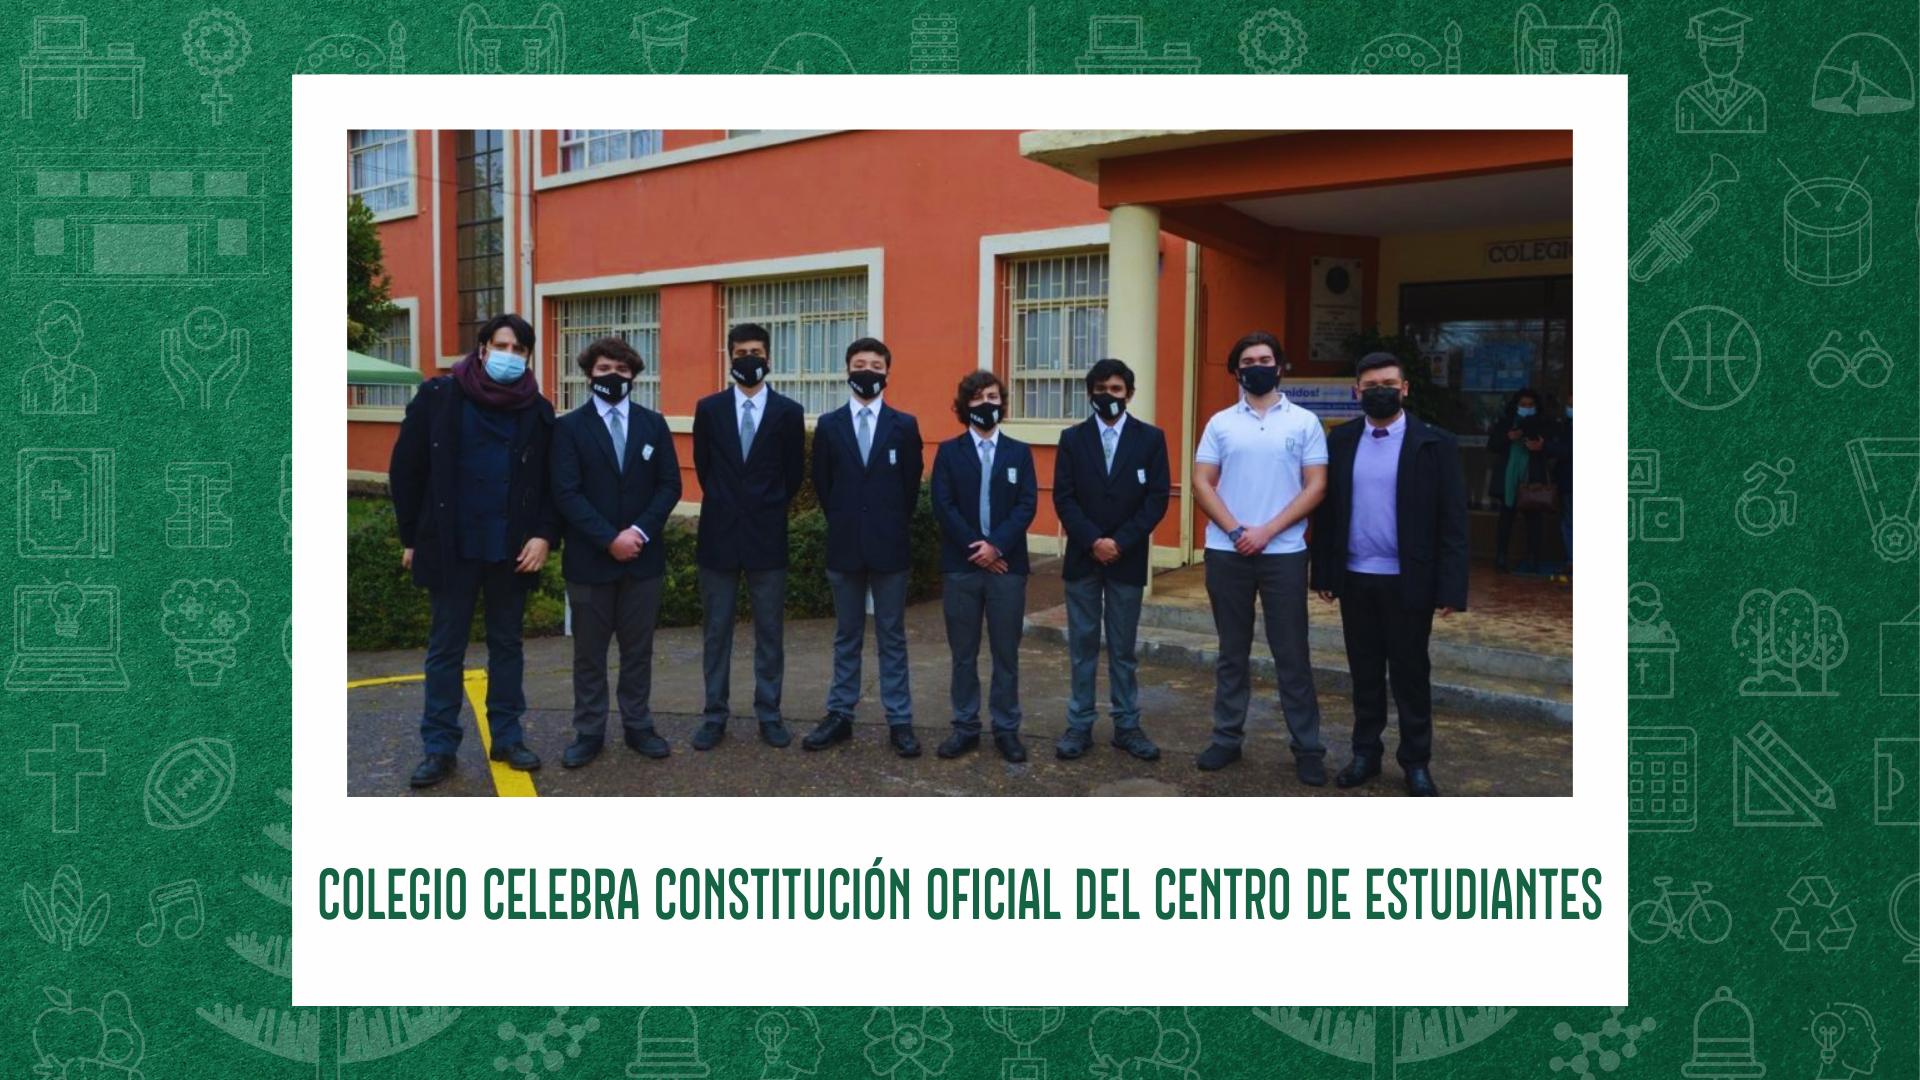 COLEGIO CELEBRA CONSTITUCIÓN OFICIAL DEL CENTRO DE ESTUDIANTES